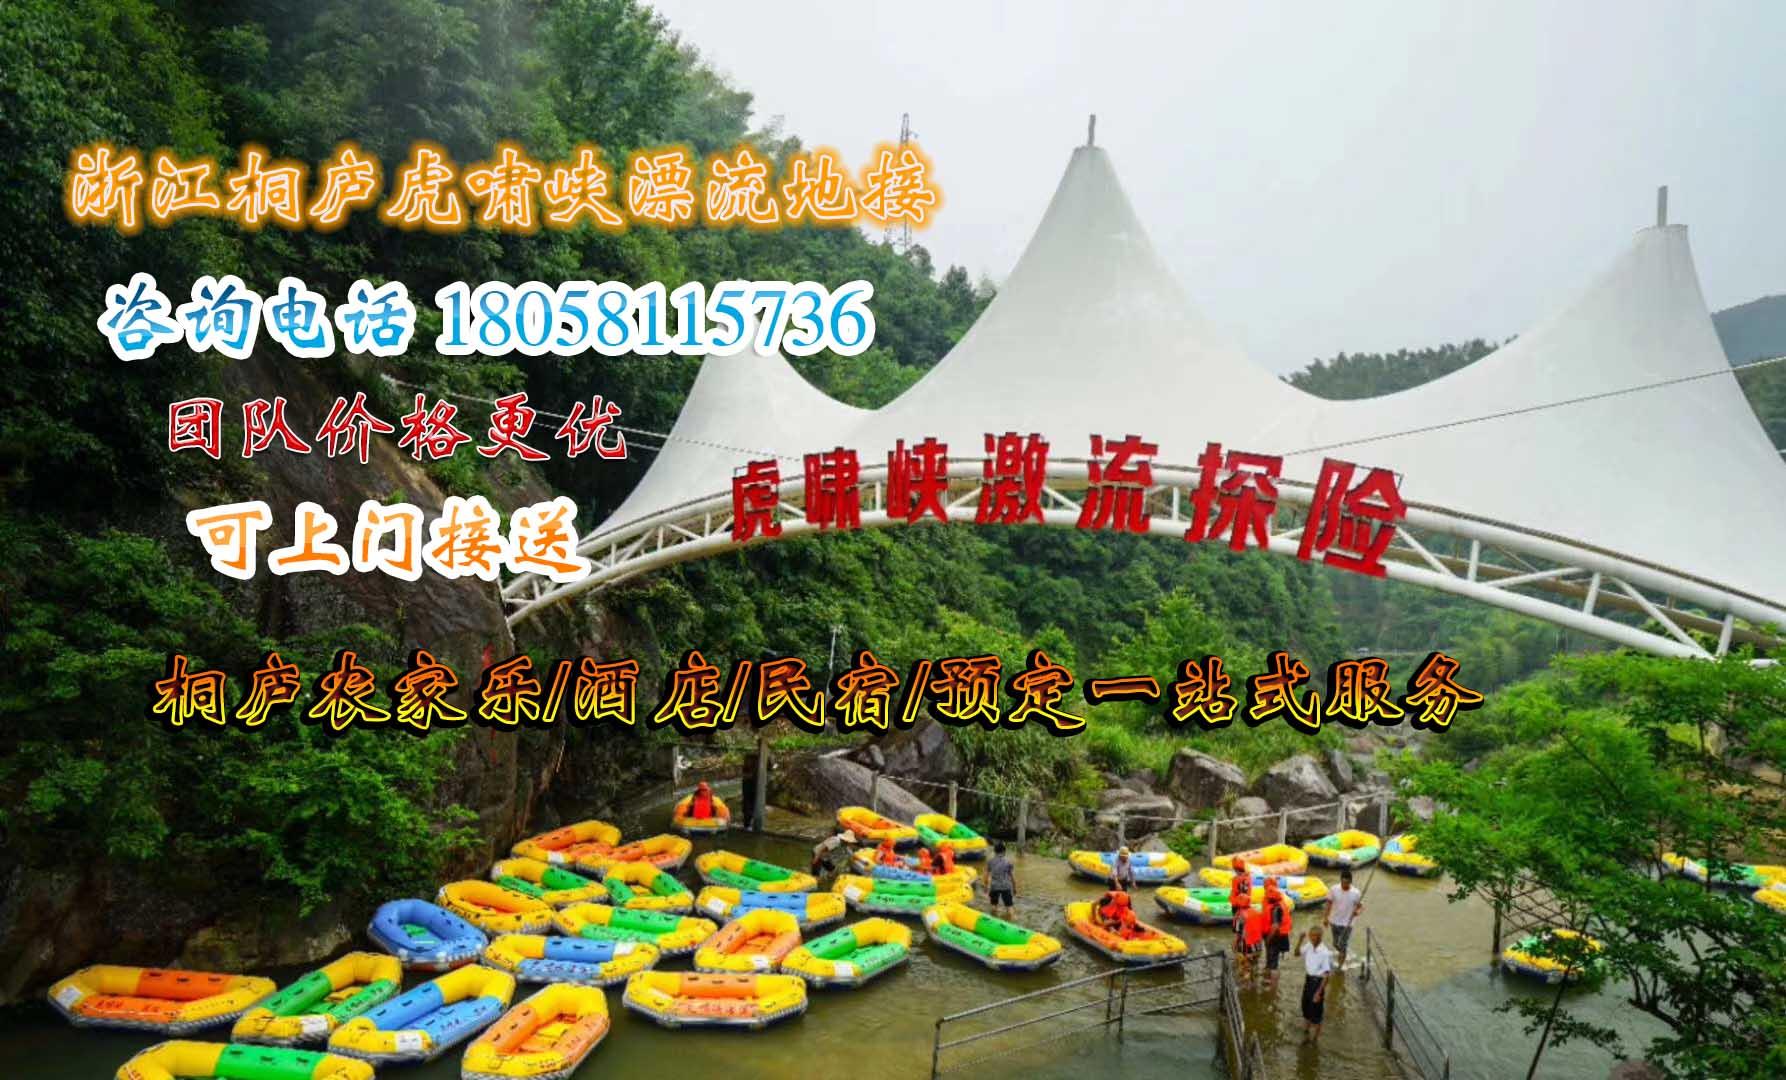 上海出发旅游三小时就到的好地方推荐,浙江桐庐竟藏了一个山水间的世外桃源